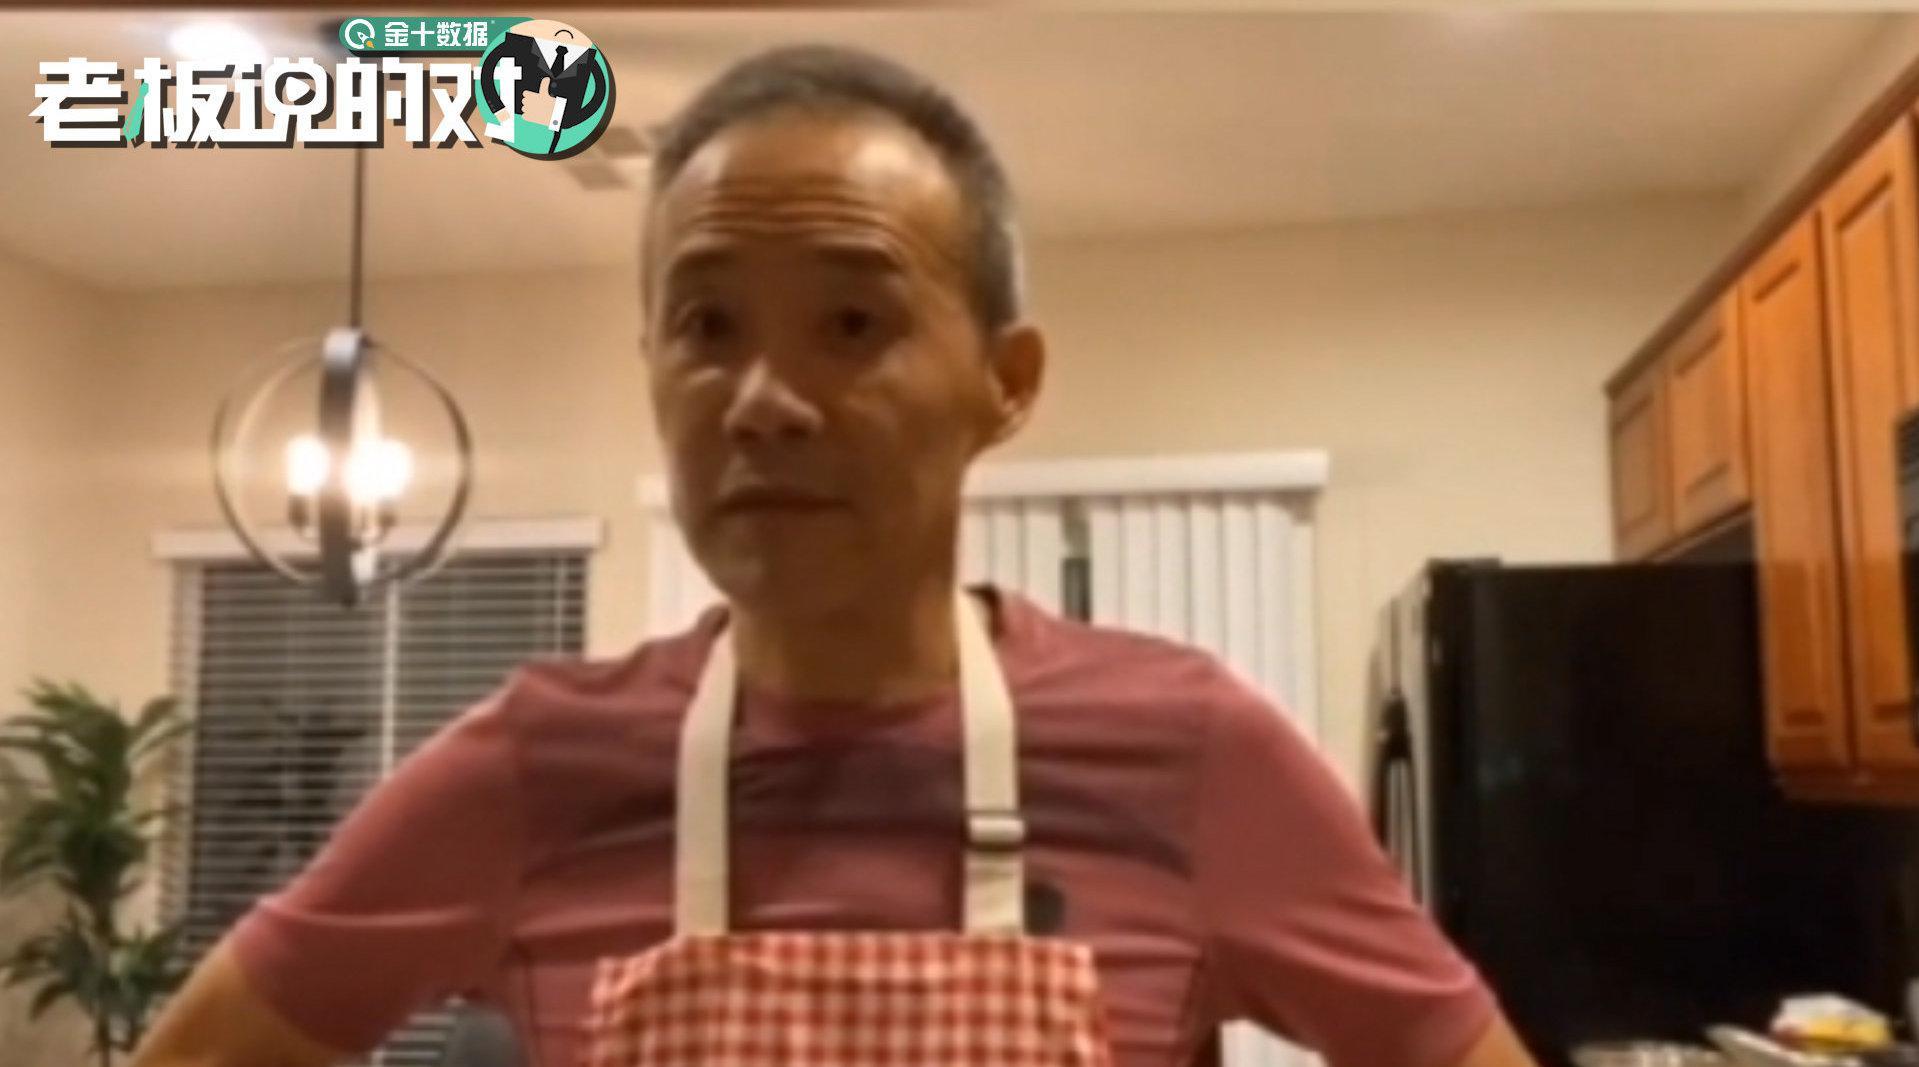 王石反对餐桌浪费:我霸朋友的餐、逼新同事买单……